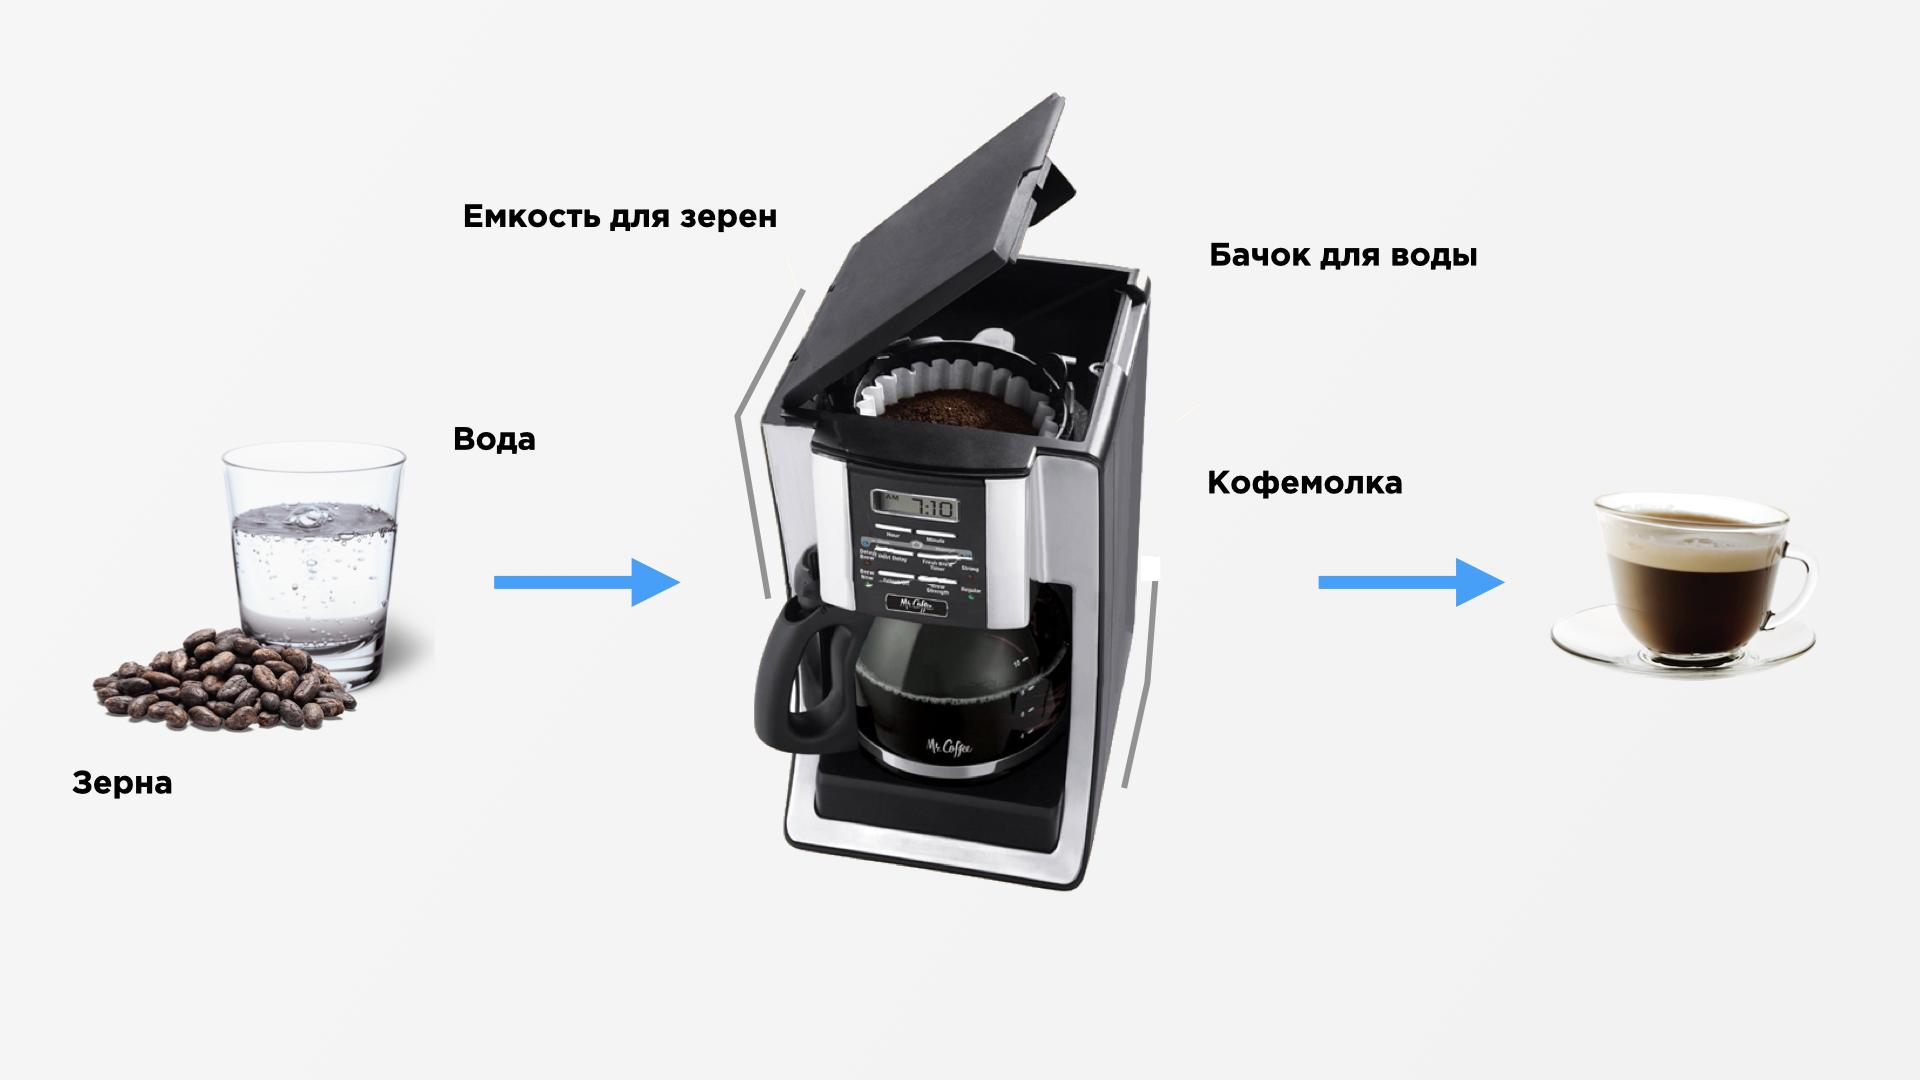 Кофемашина.001.png